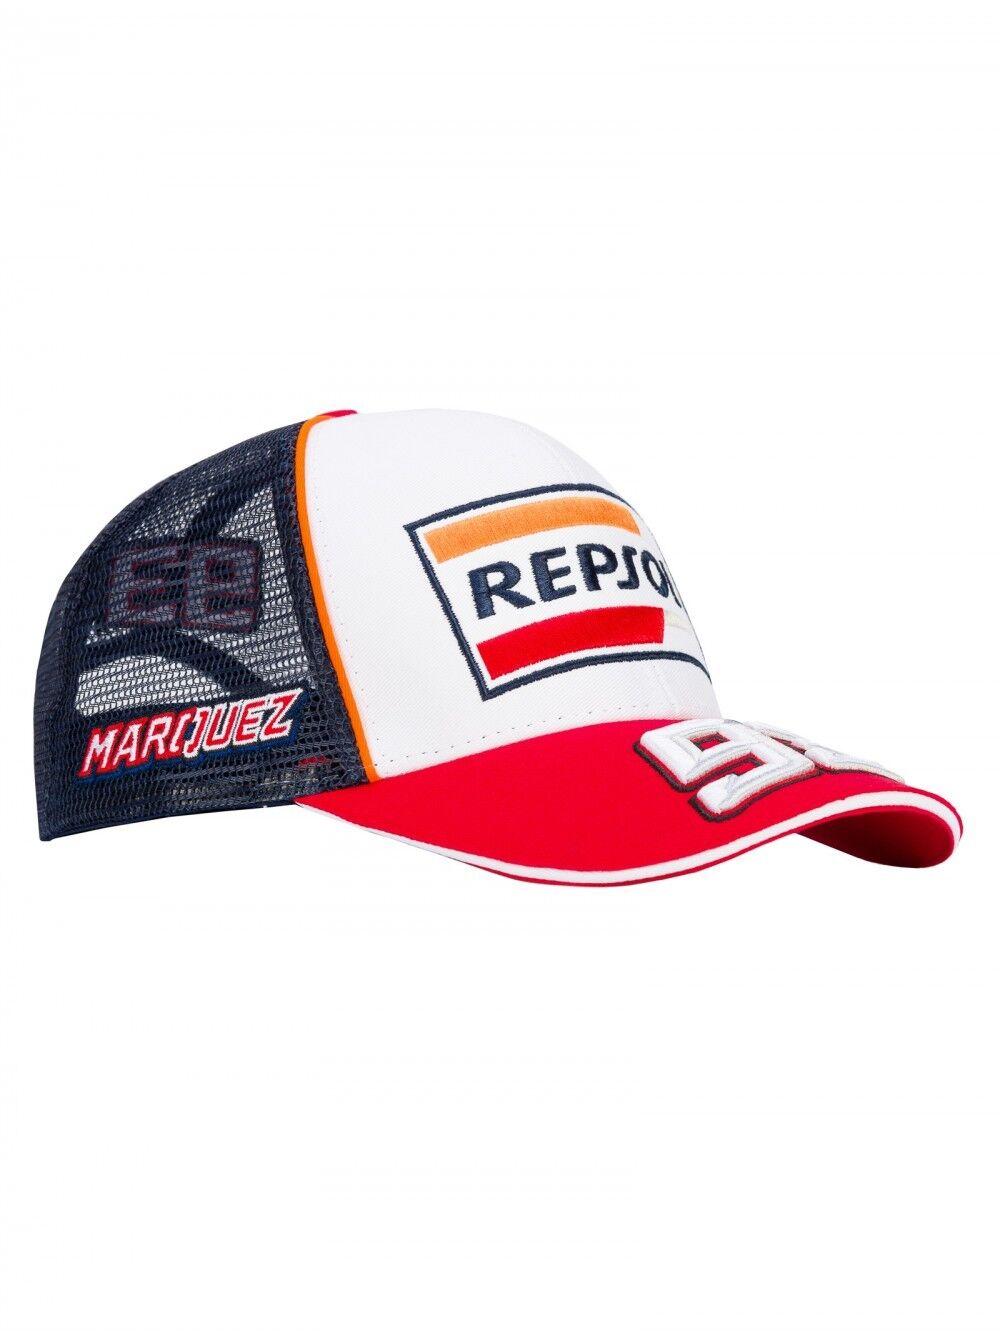 2018 Official Marc Marquez 93 Repsol Gorra de Camioblack - 18 48502